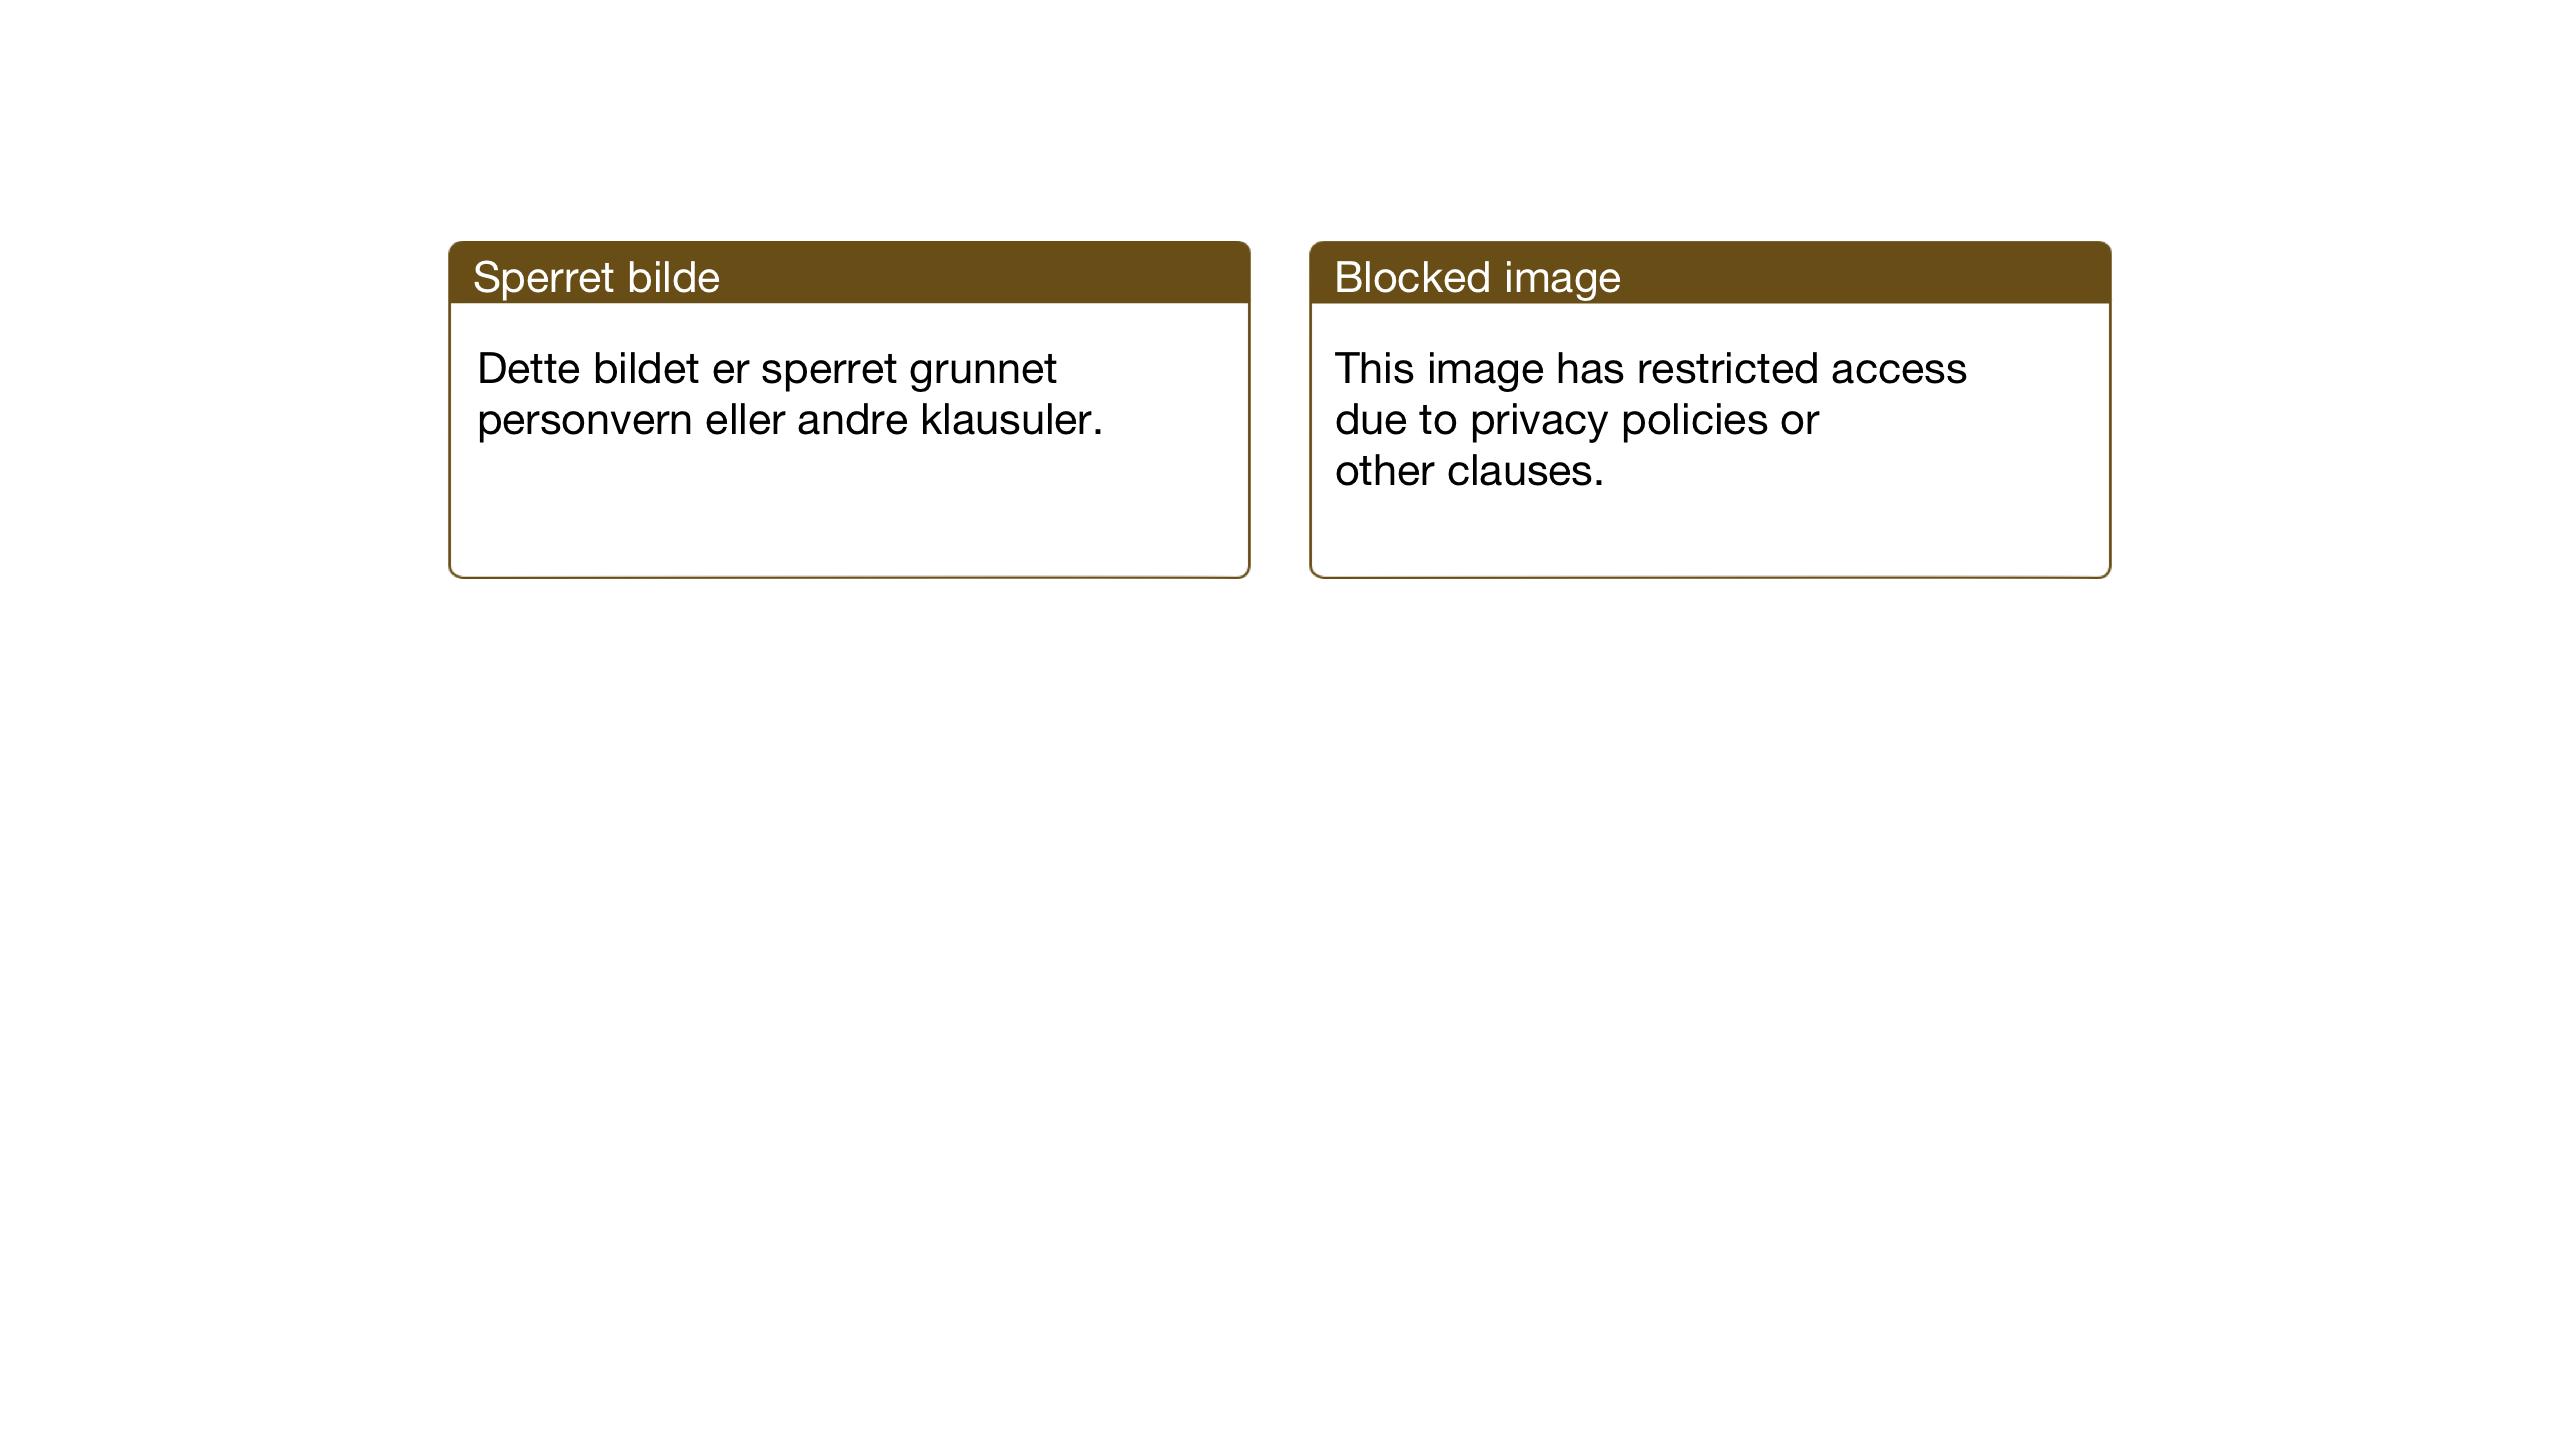 SAT, Ministerialprotokoller, klokkerbøker og fødselsregistre - Nord-Trøndelag, 739/L0377: Klokkerbok nr. 739C05, 1940-1947, s. 41